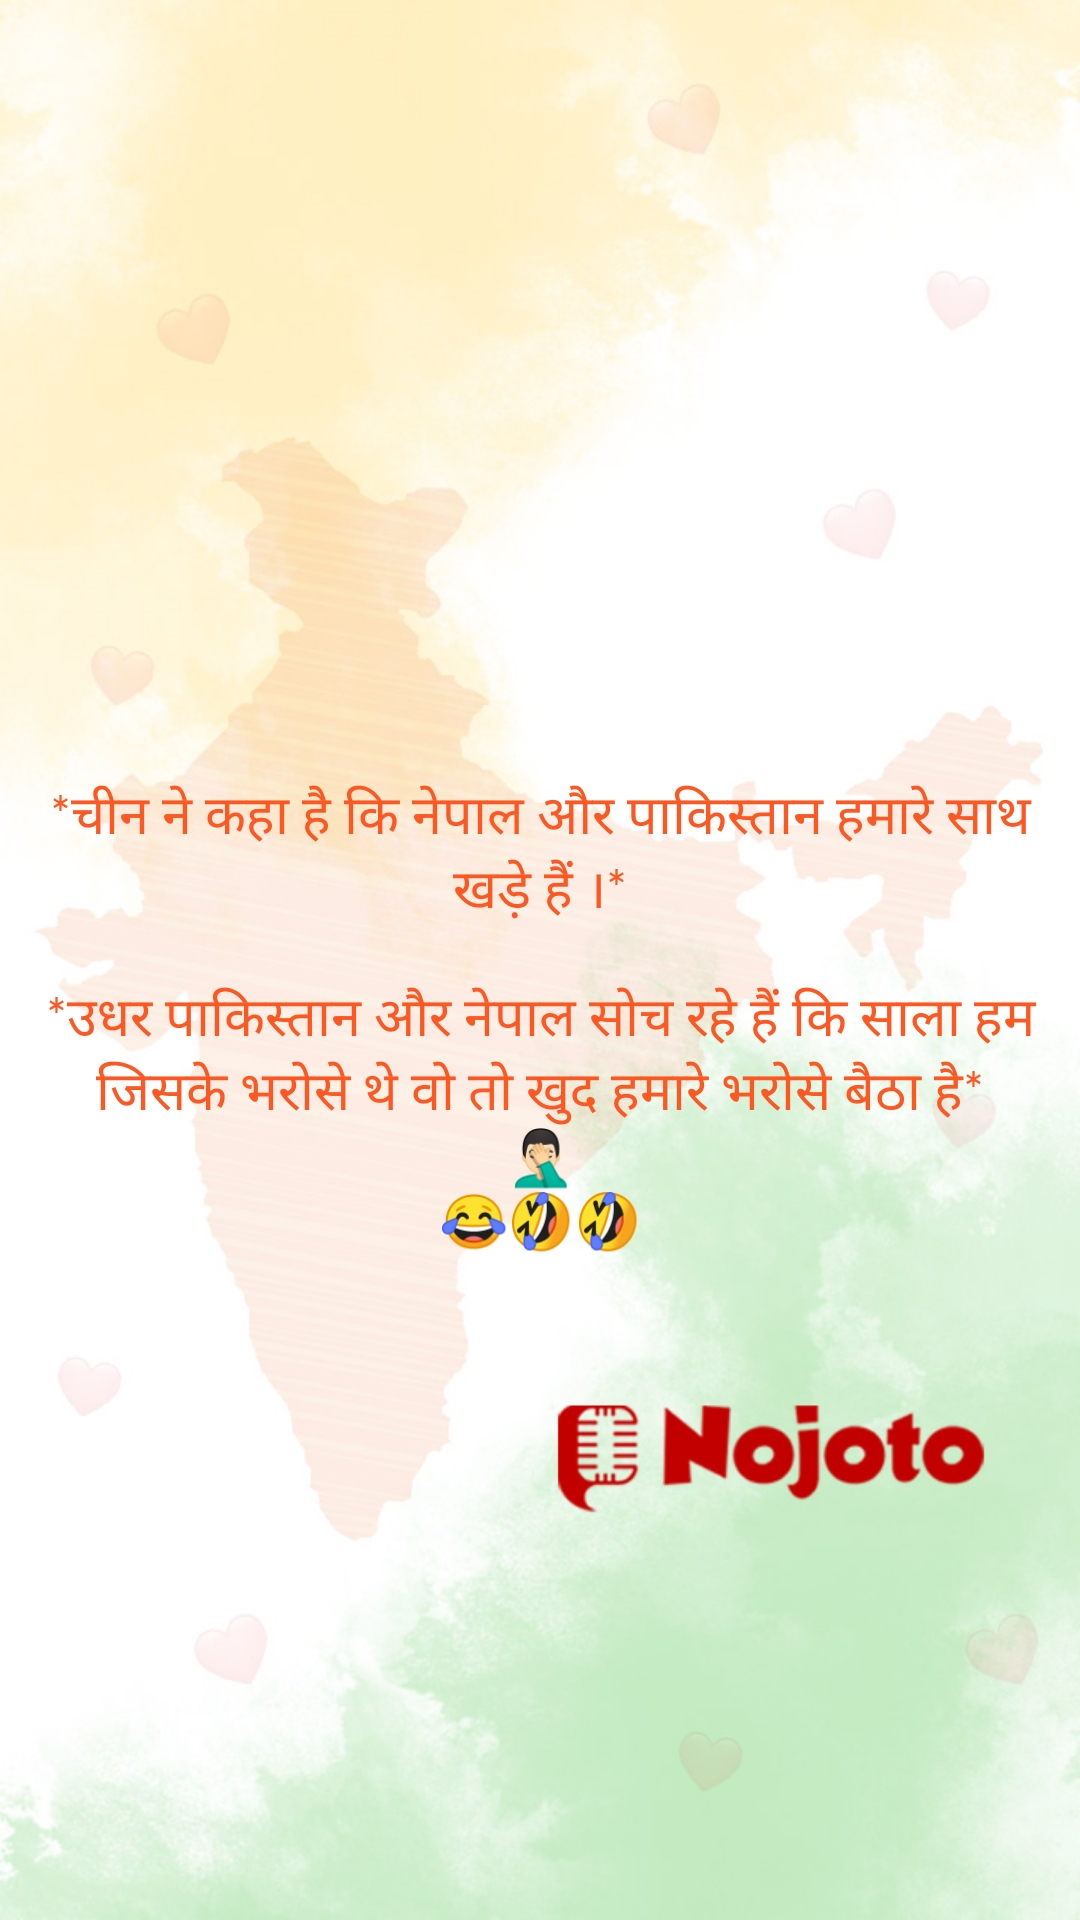 *चीन ने कहा है कि नेपाल और पाकिस्तान हमारे साथ खड़े हैं ।*  *उधर पाकिस्तान और नेपाल सोच रहे हैं कि साला हम जिसके भरोसे थे वो तो खुद हमारे भरोसे बैठा है* 🤦🏻♂️ 😂🤣🤣